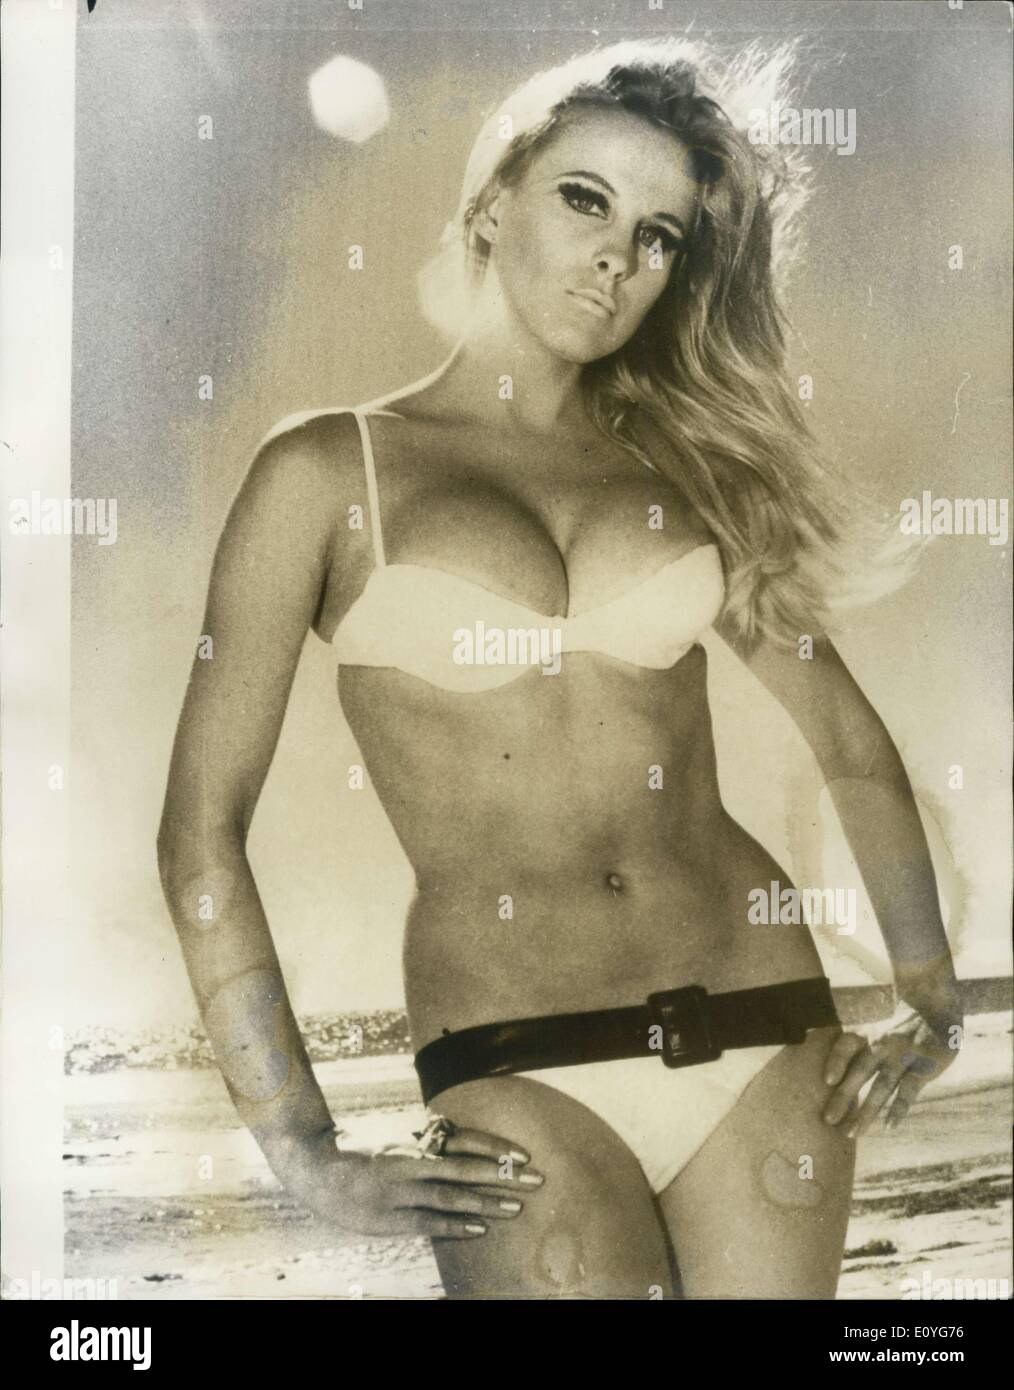 Darling harbour bikini